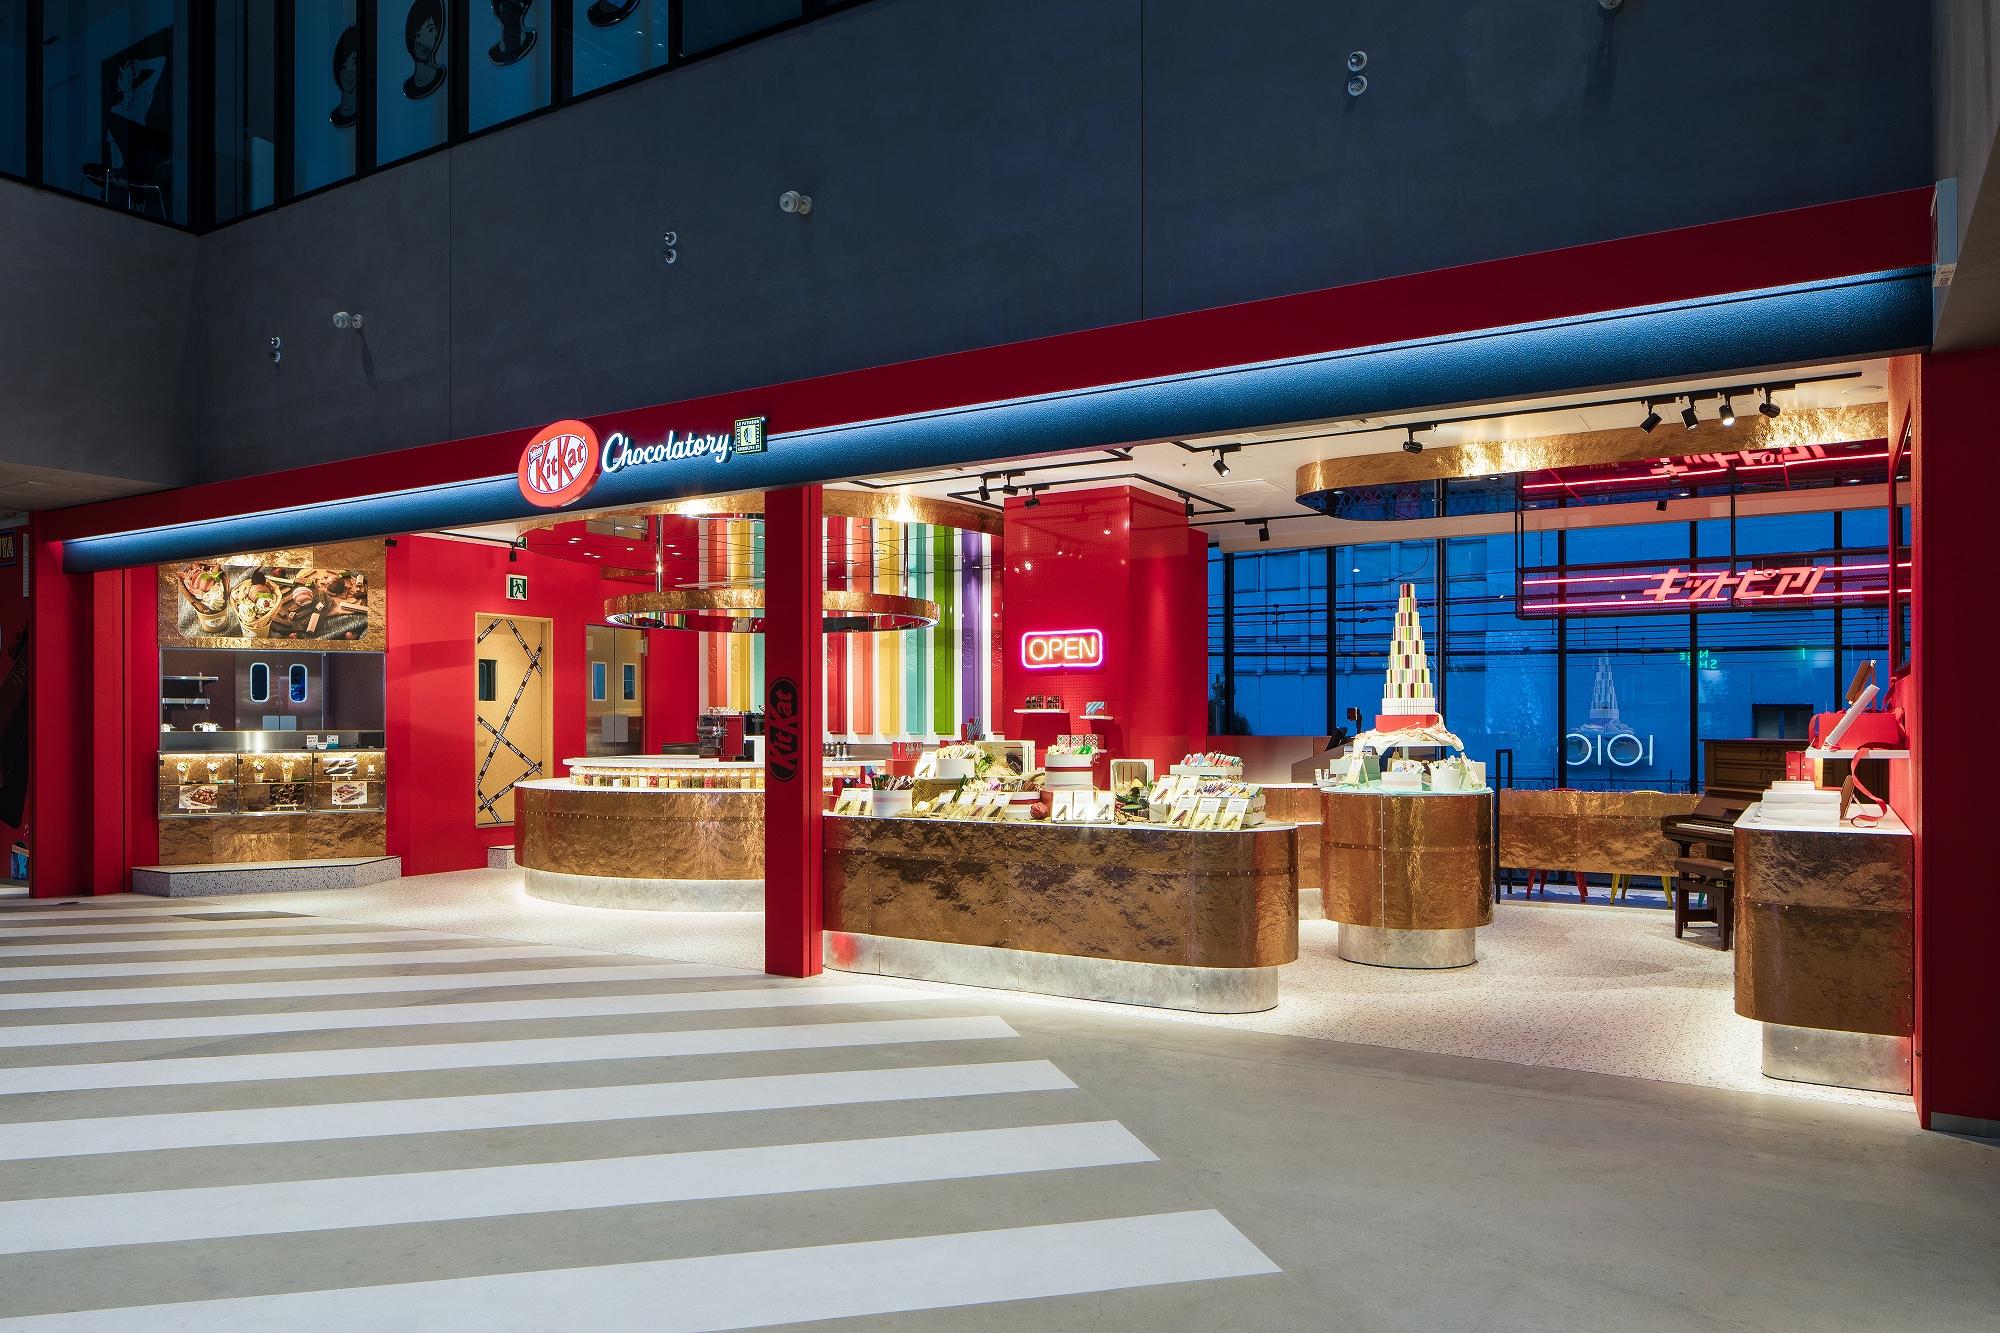 KITKAT Chocolatory ミヤシタパーク渋谷店